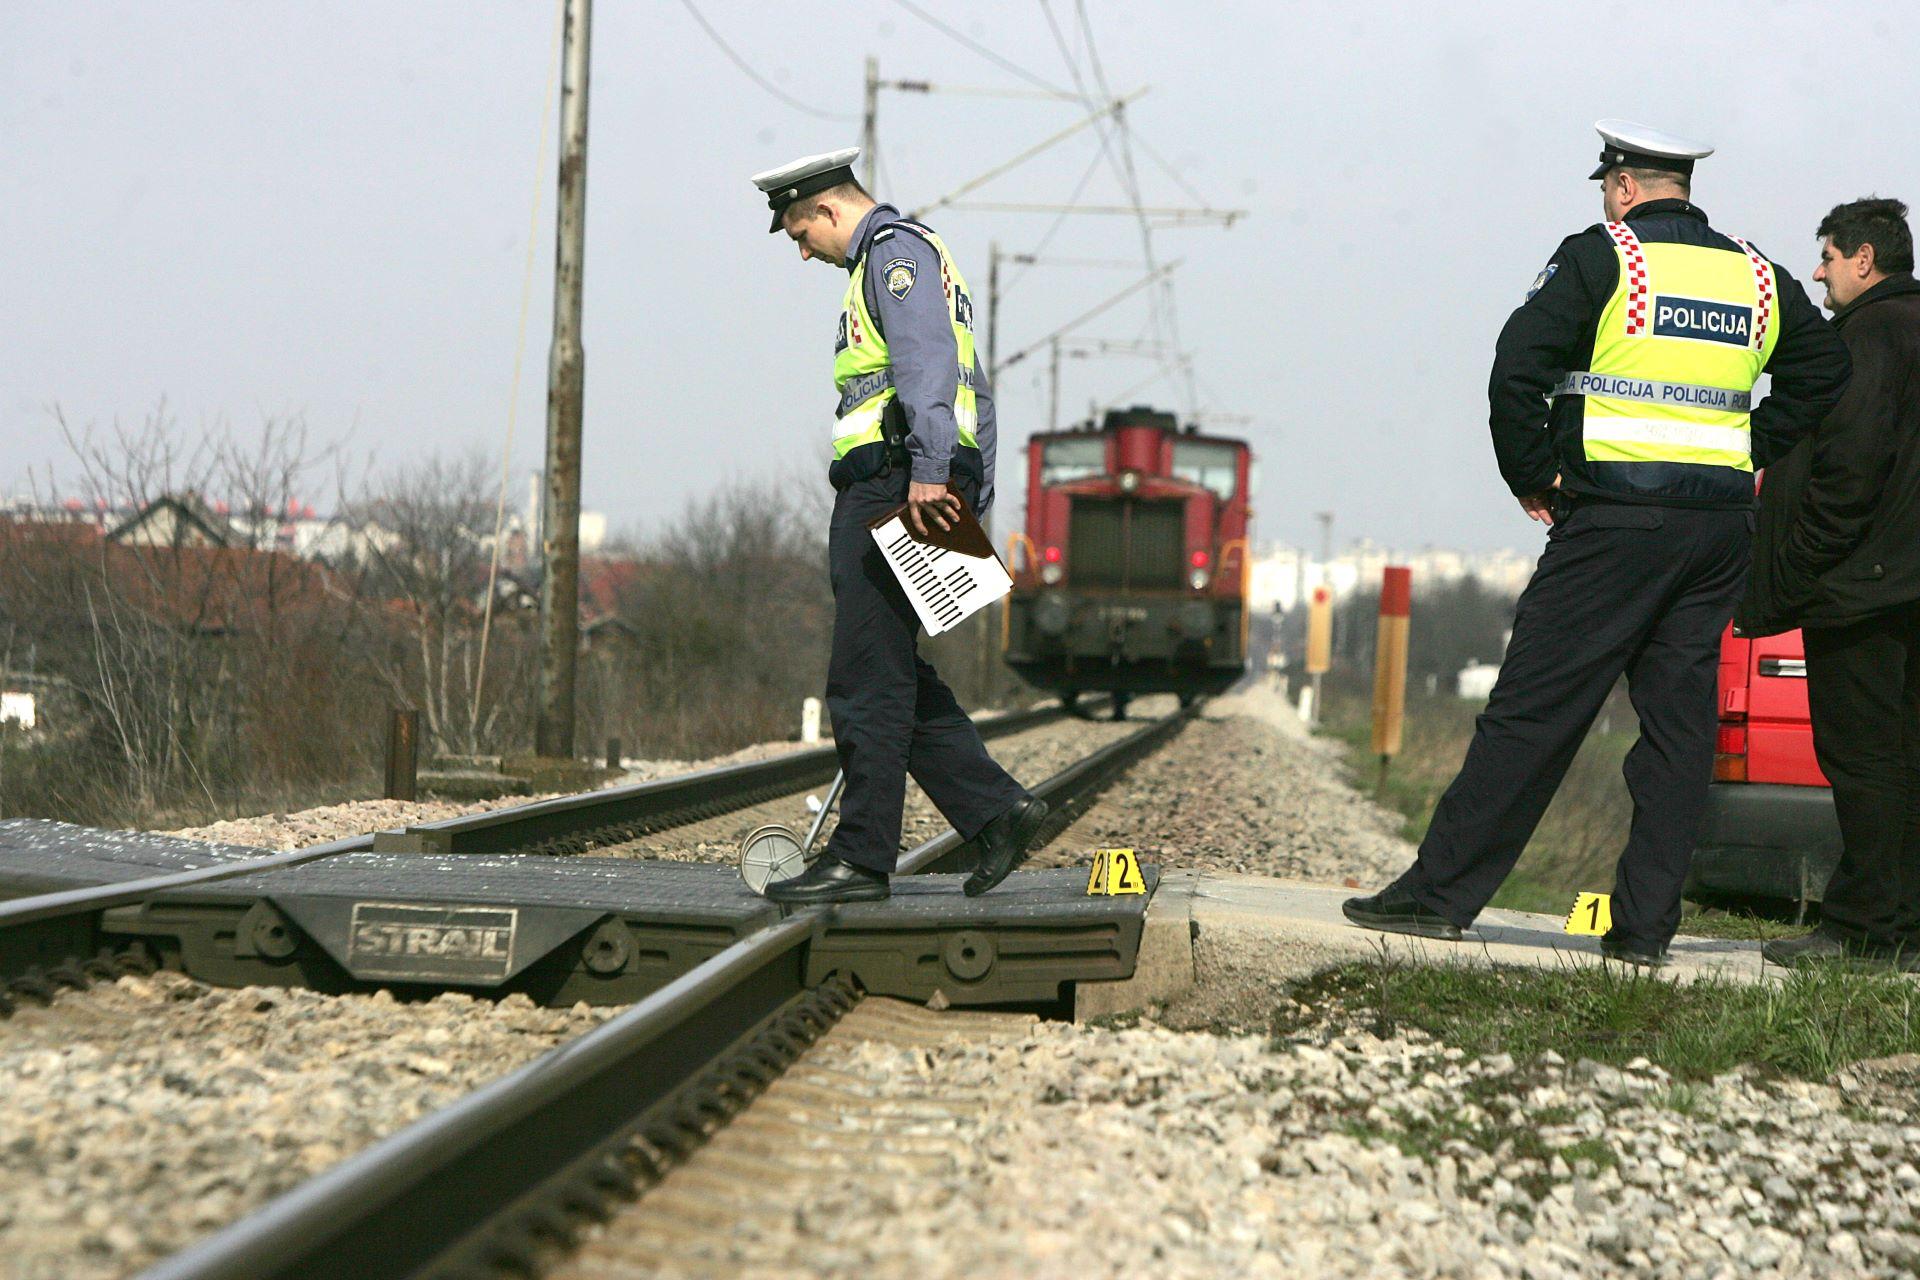 željeznica policija